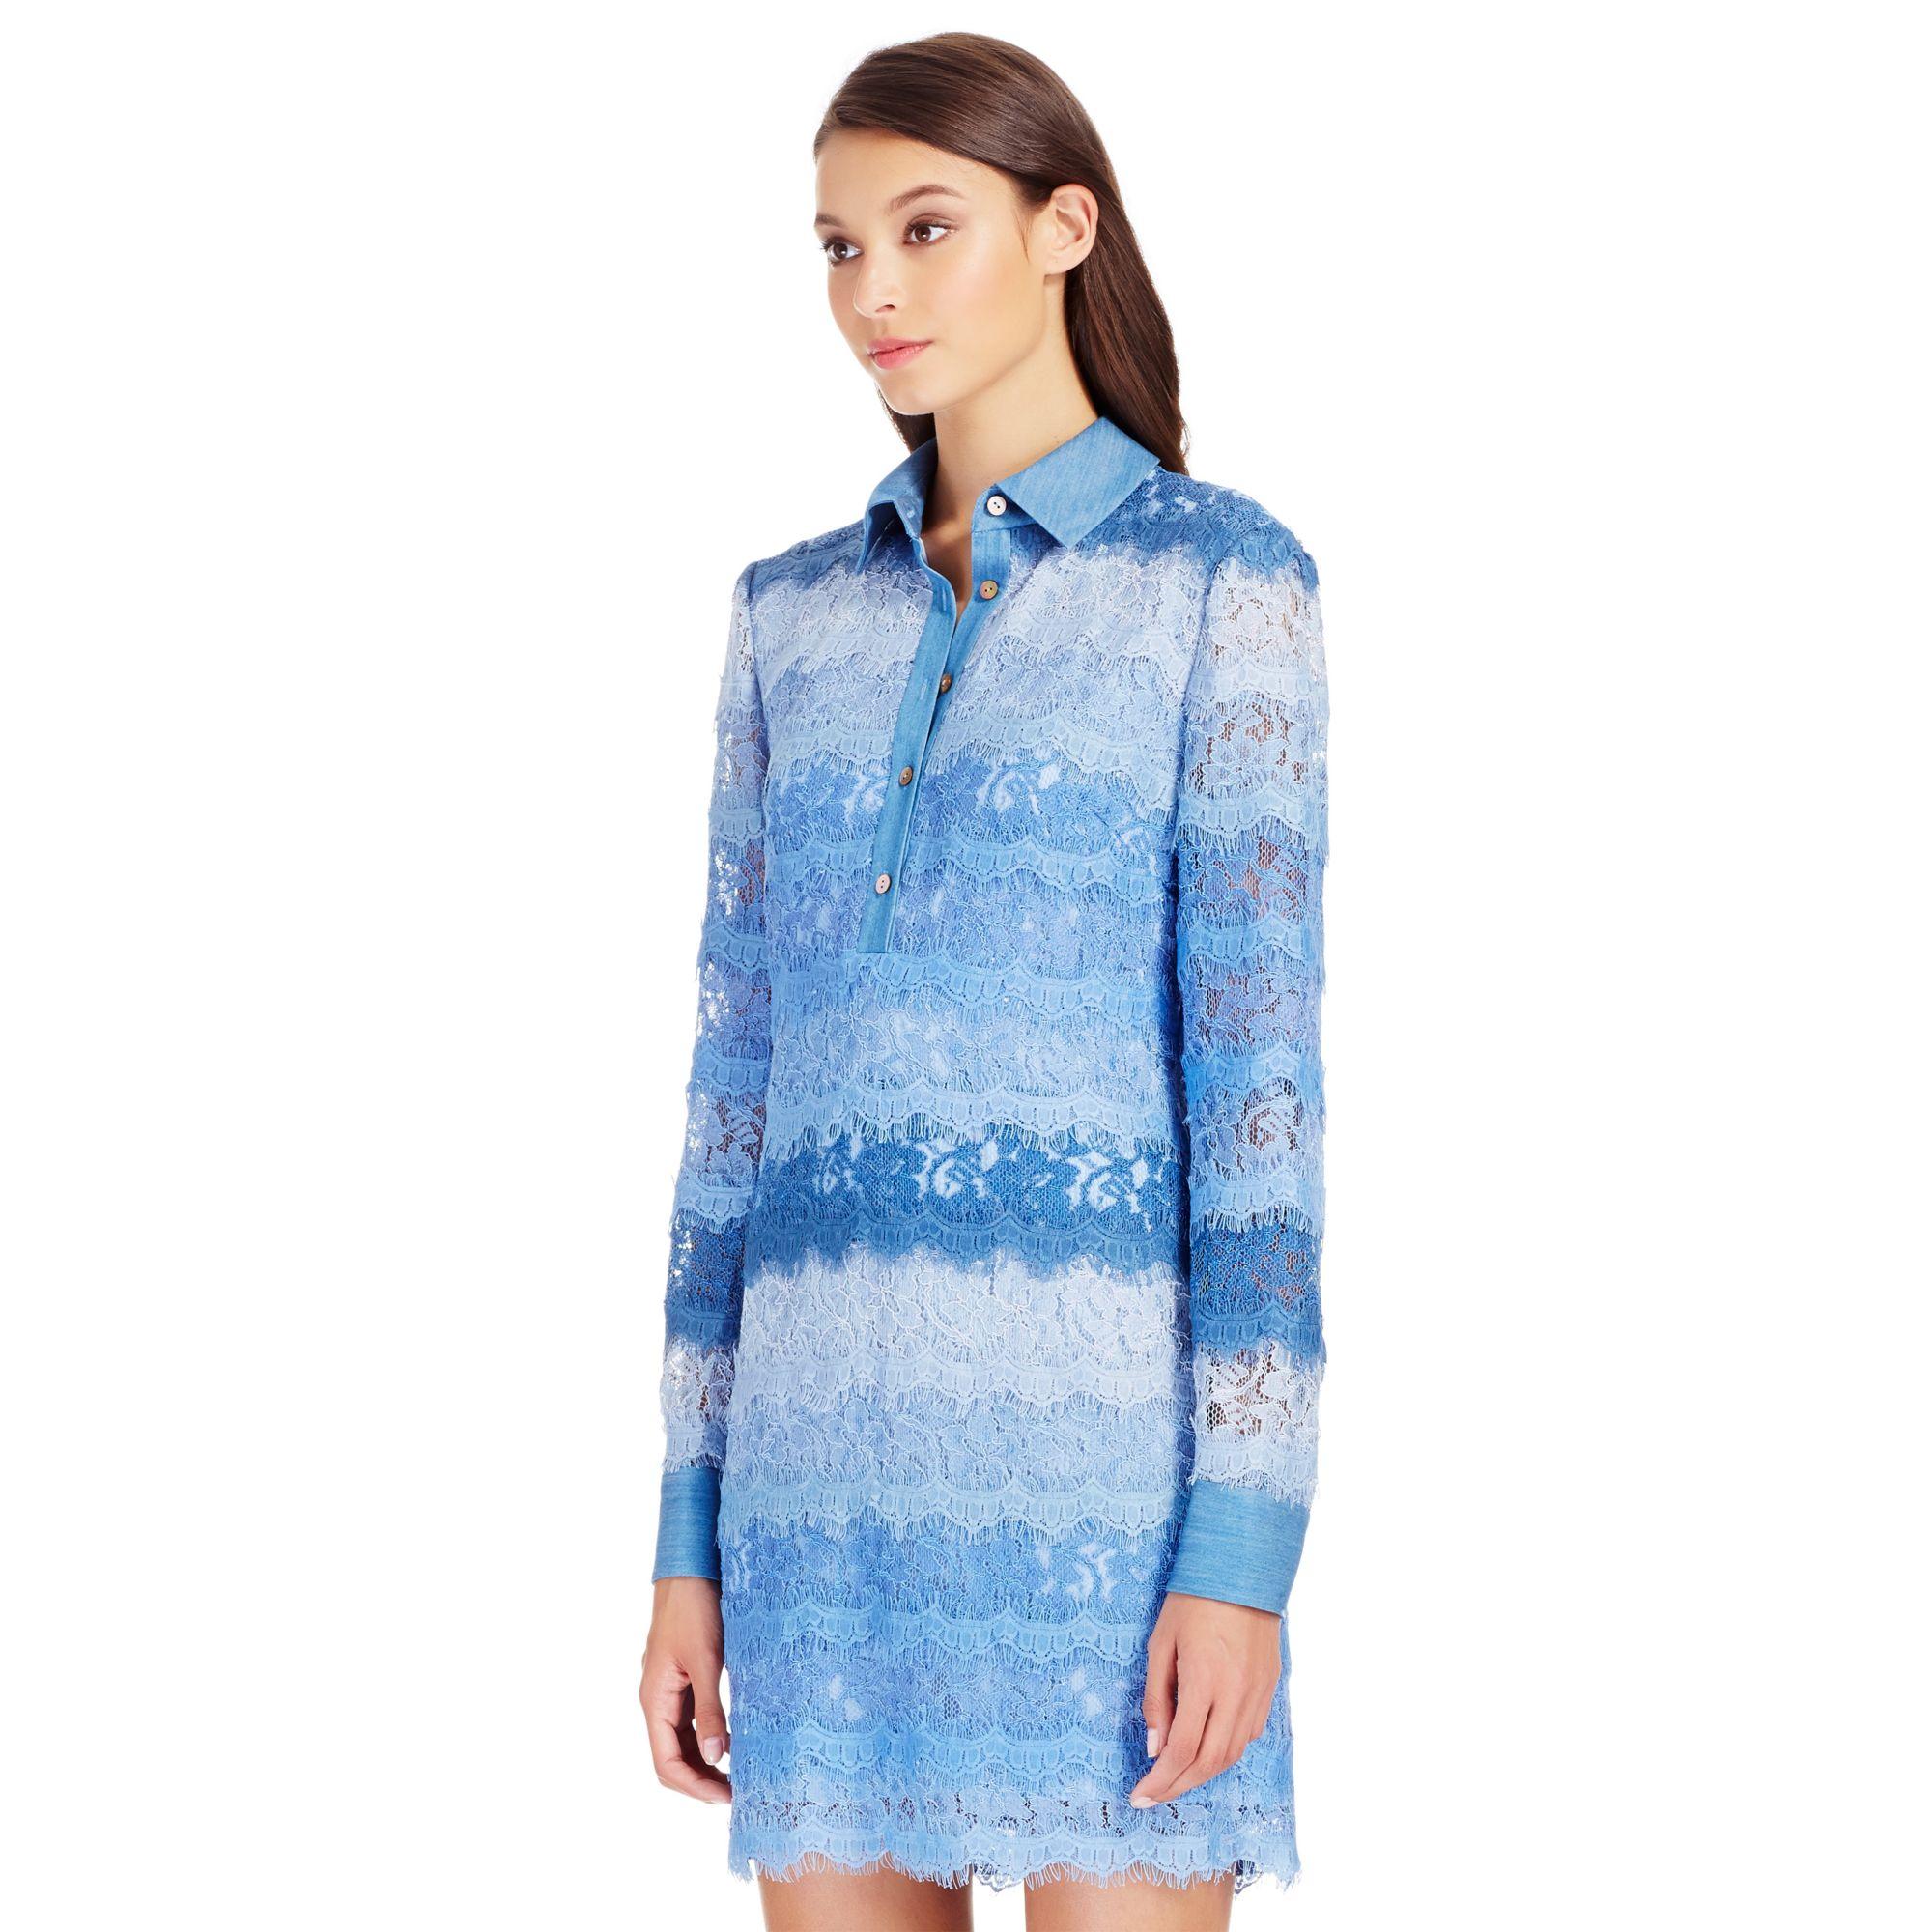 Lyst diane von furstenberg dvf amora denim and lace for Diane von furstenberg shirt